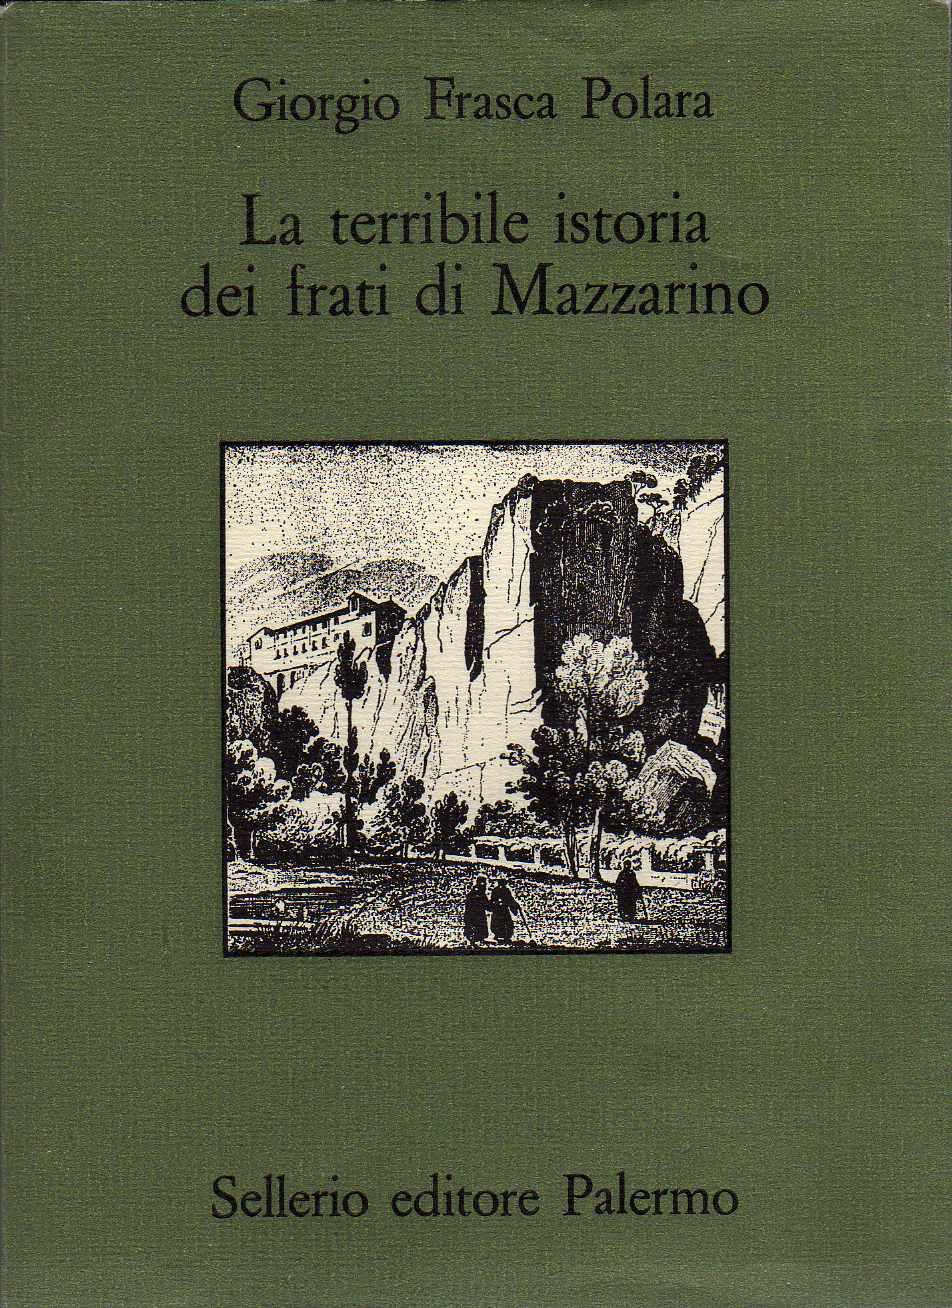 La terribile istoria dei frati di Mazzarino